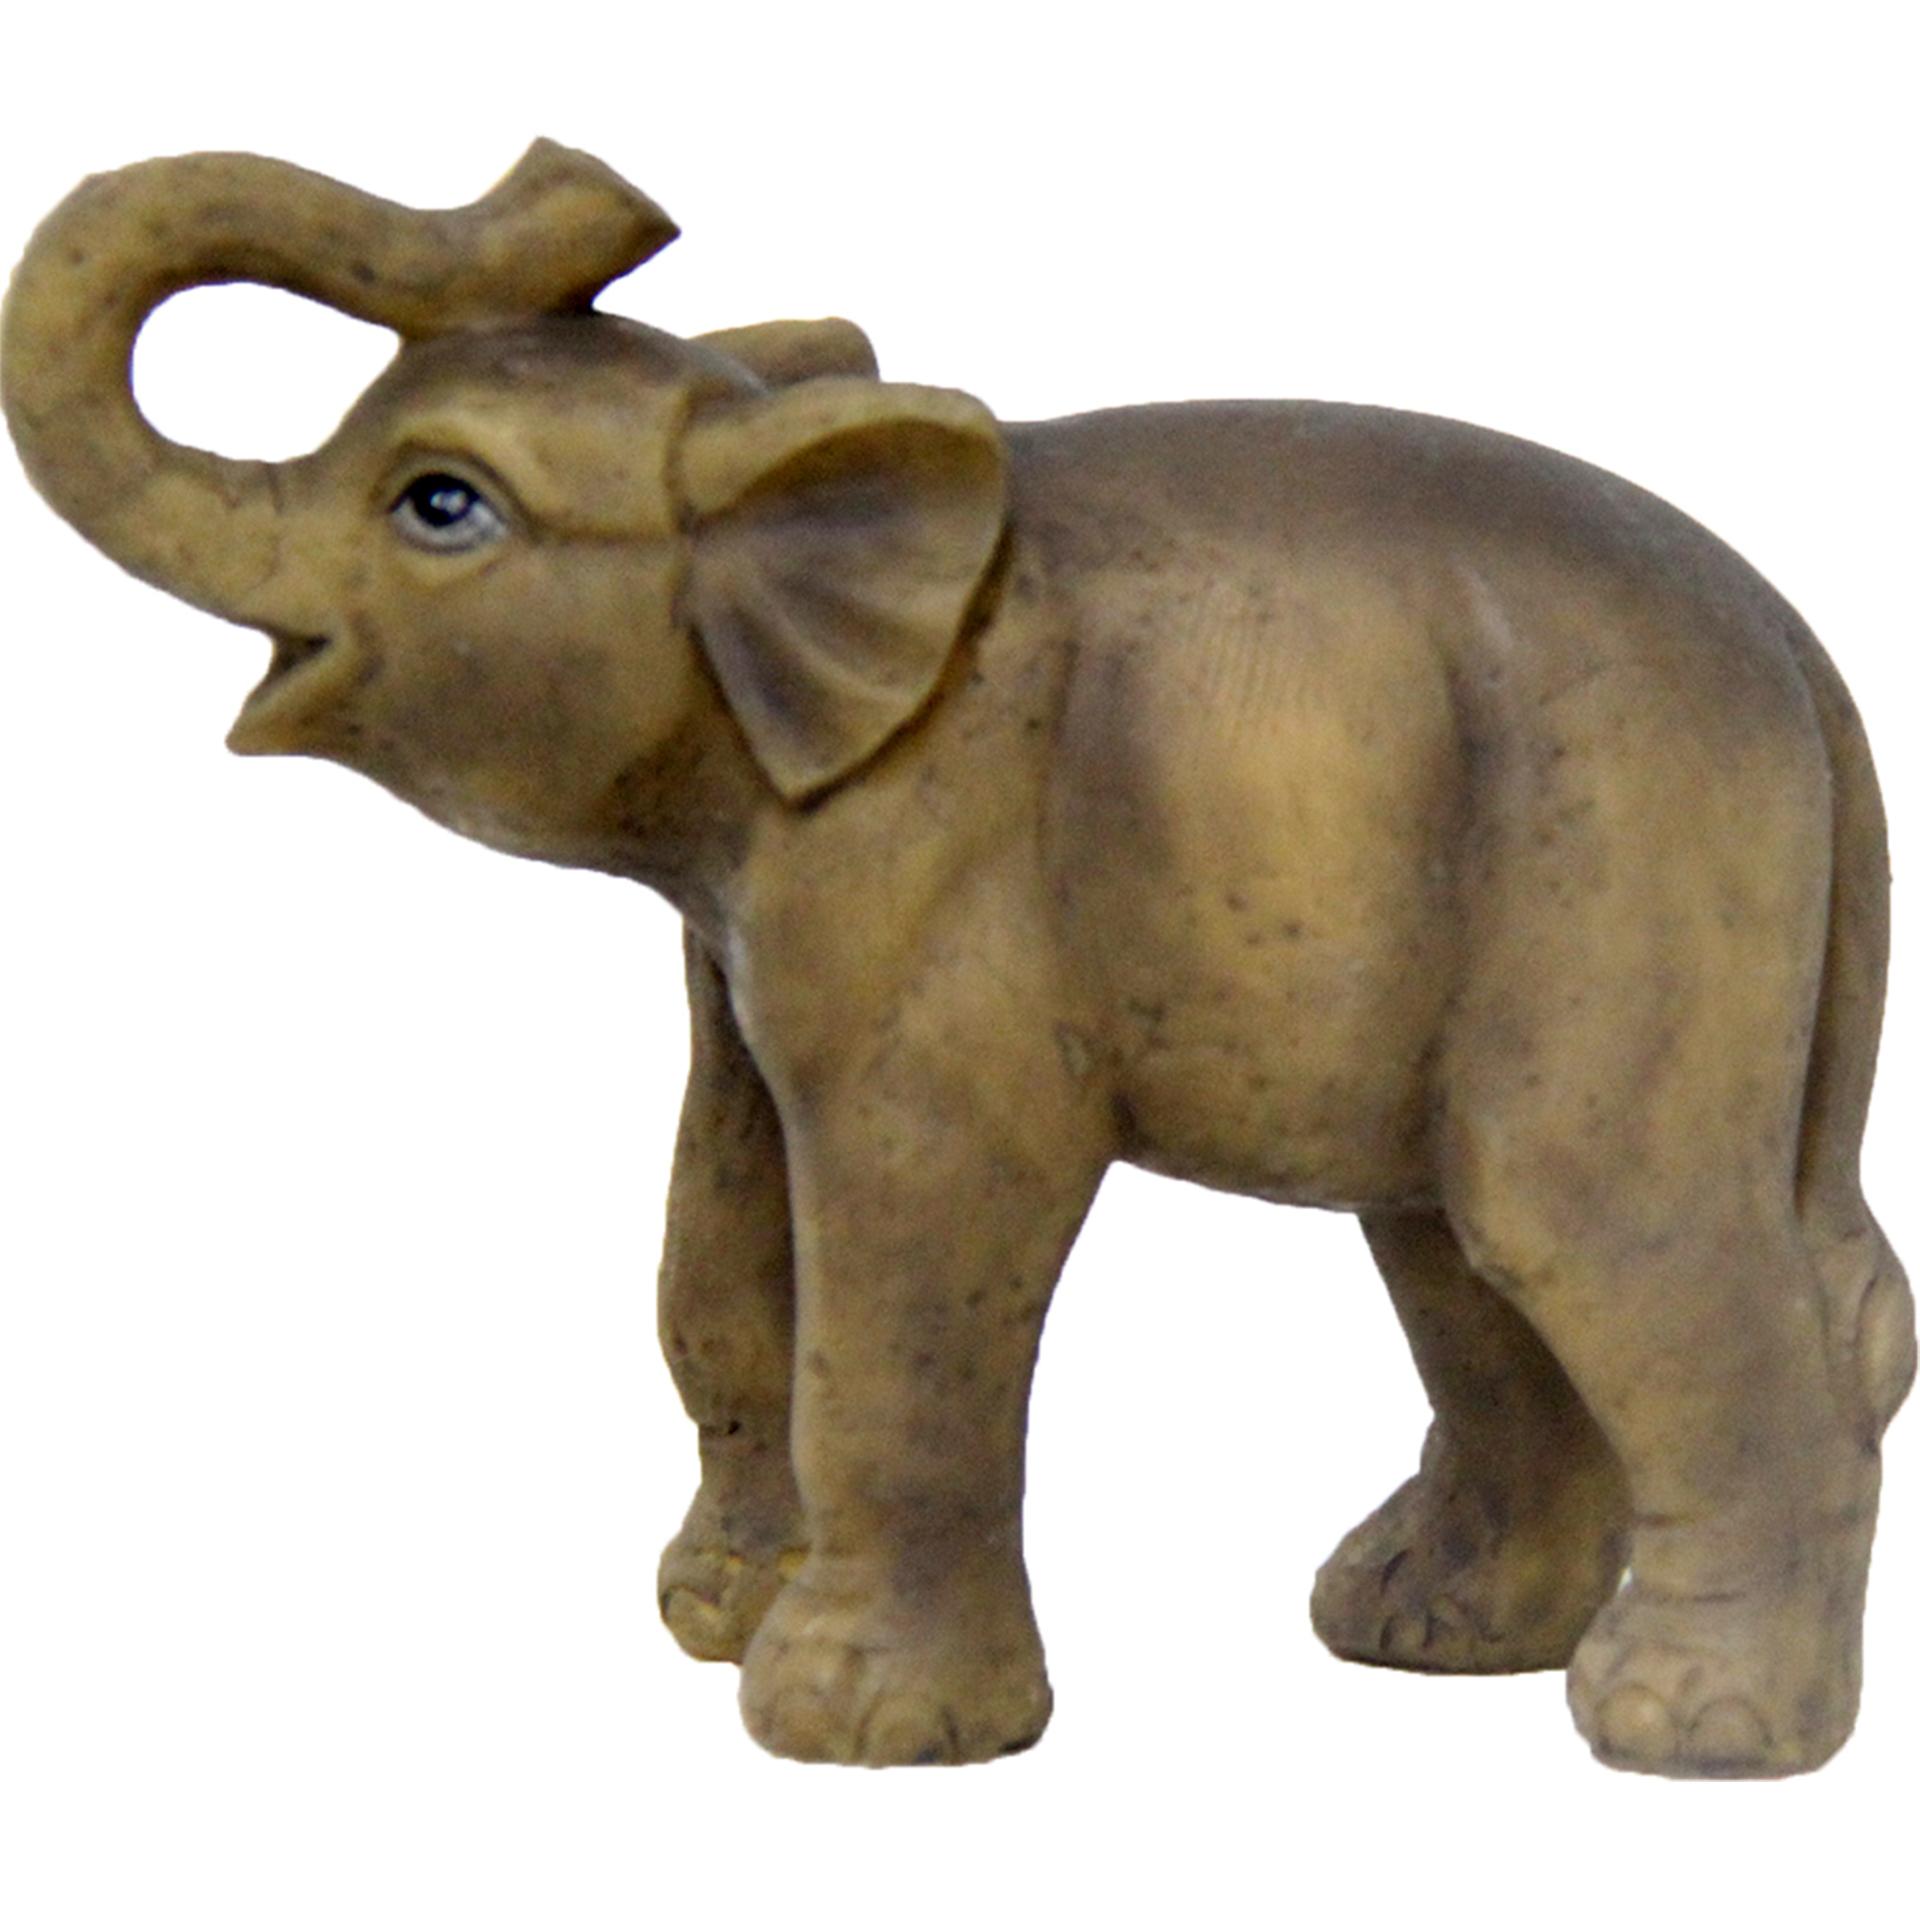 Elefant klein, Höhe 3cm